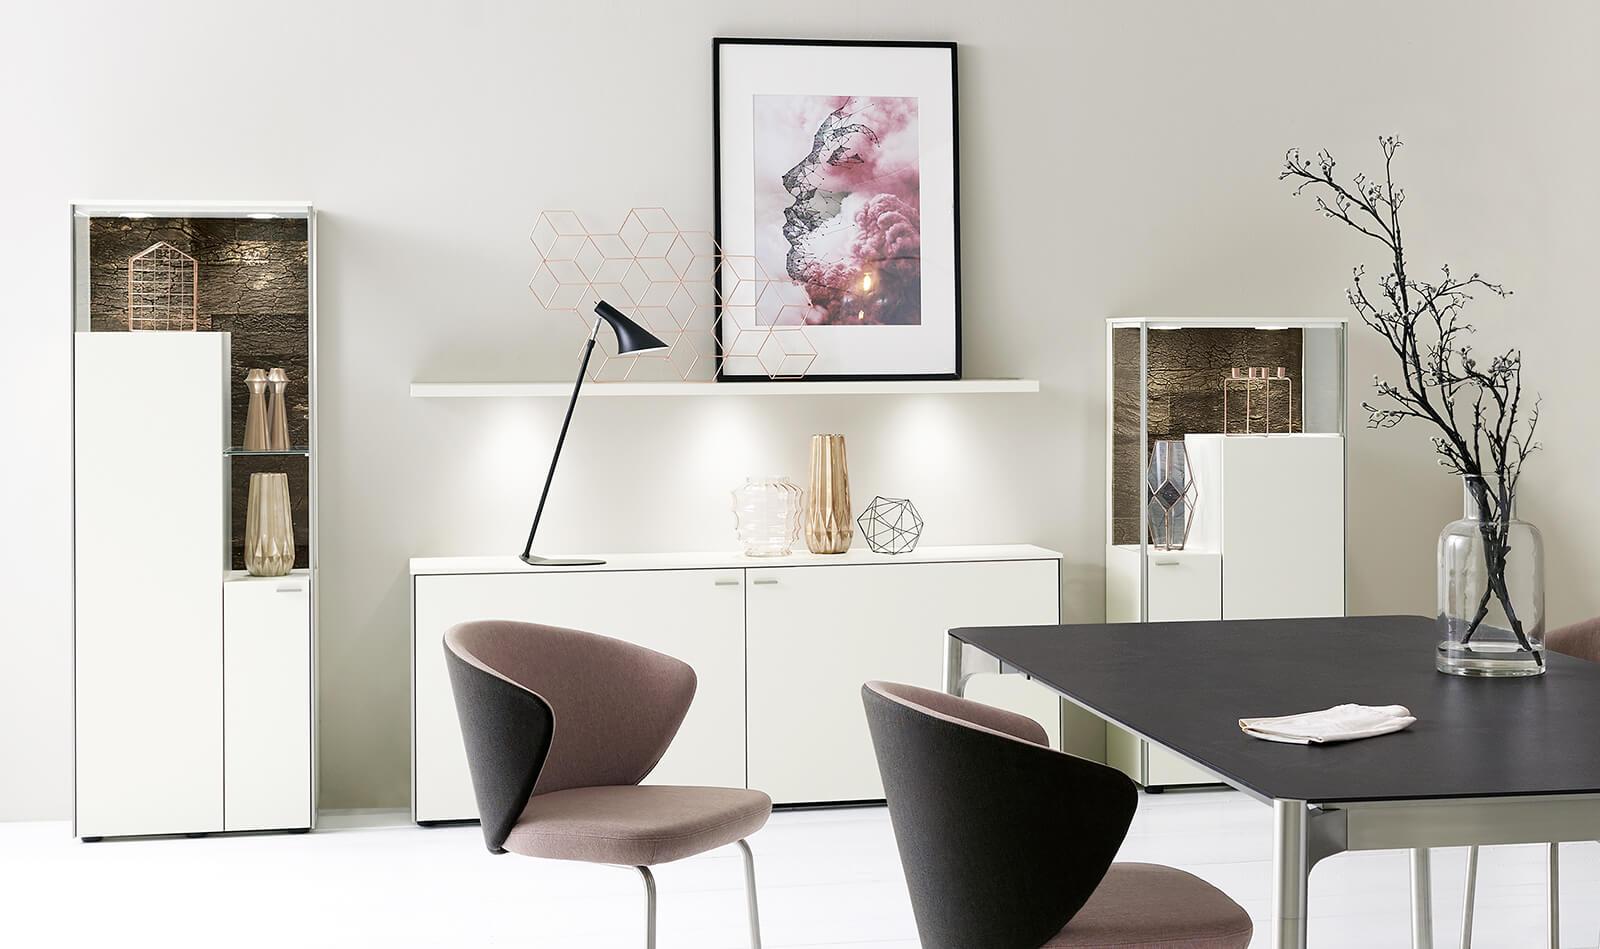 dining rooms ranges sentino venjakob m bel vorsprung durch design und qualit t. Black Bedroom Furniture Sets. Home Design Ideas